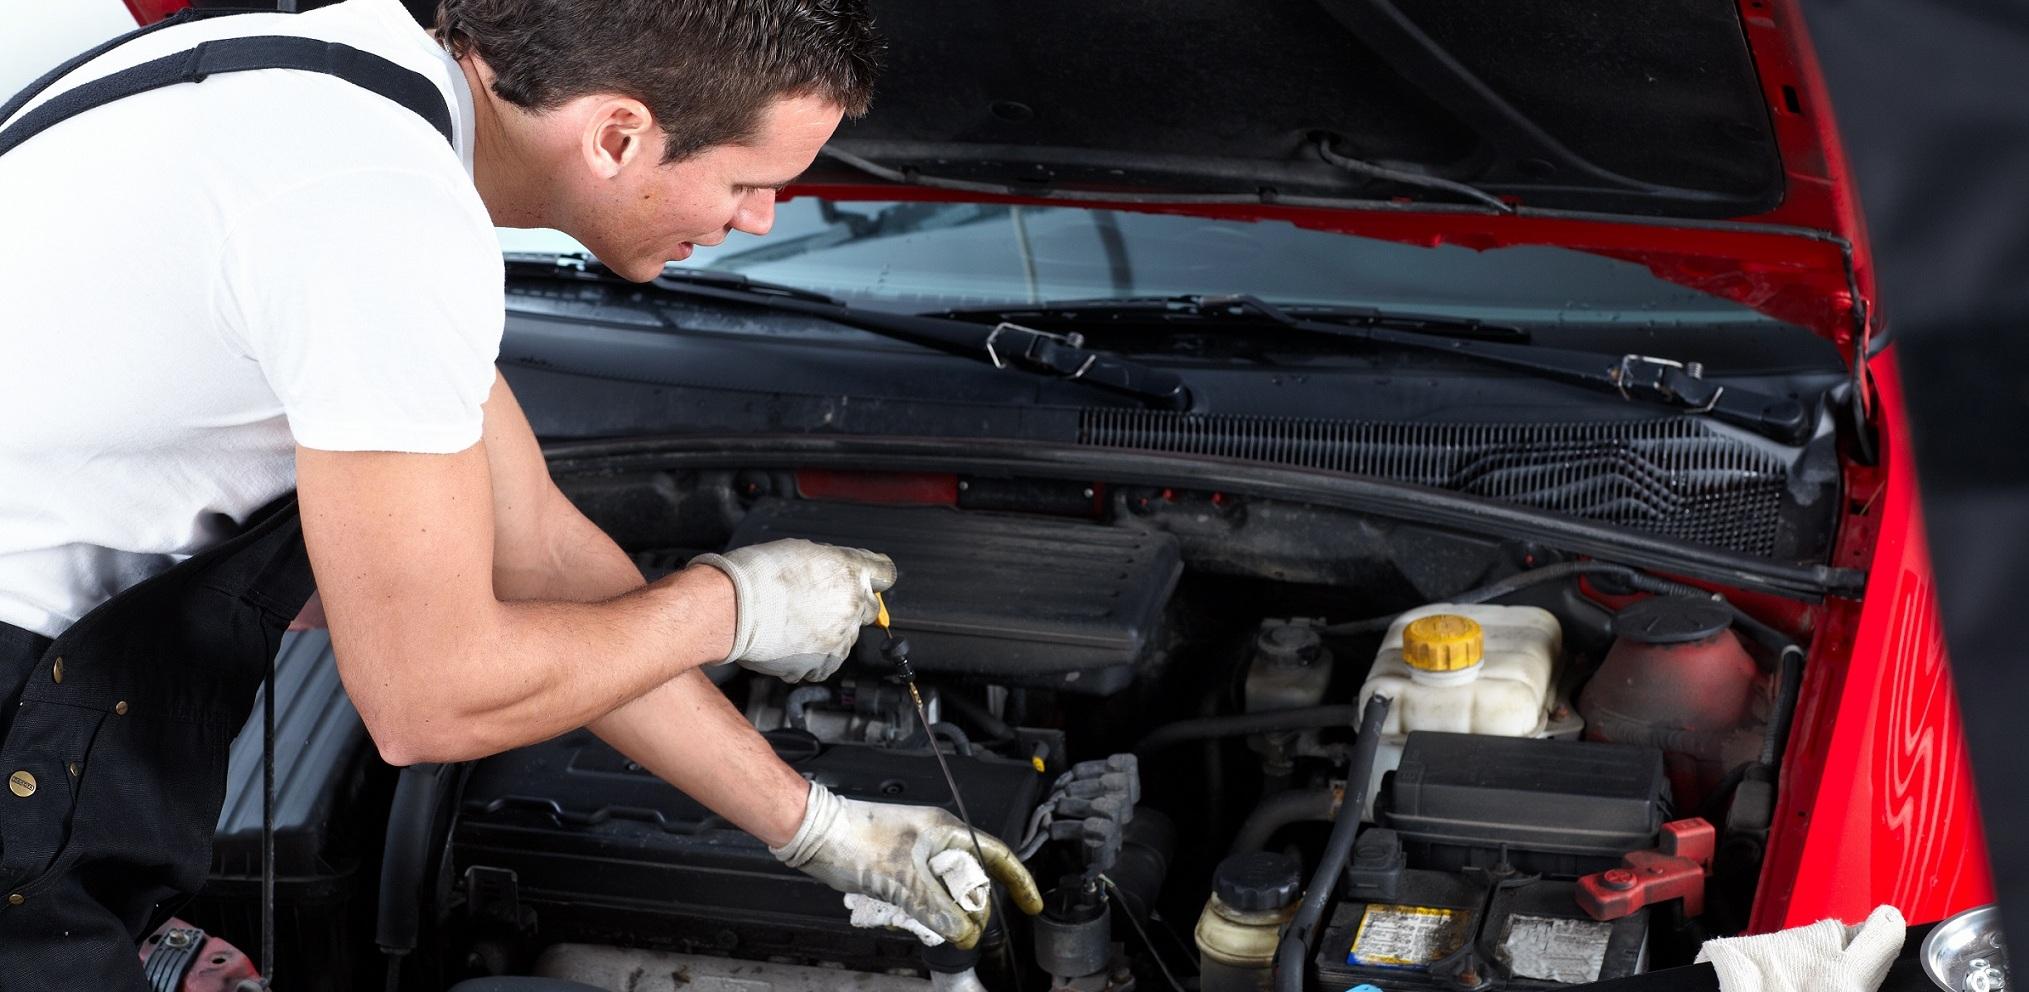 Диагностика автомобиля на сервисе